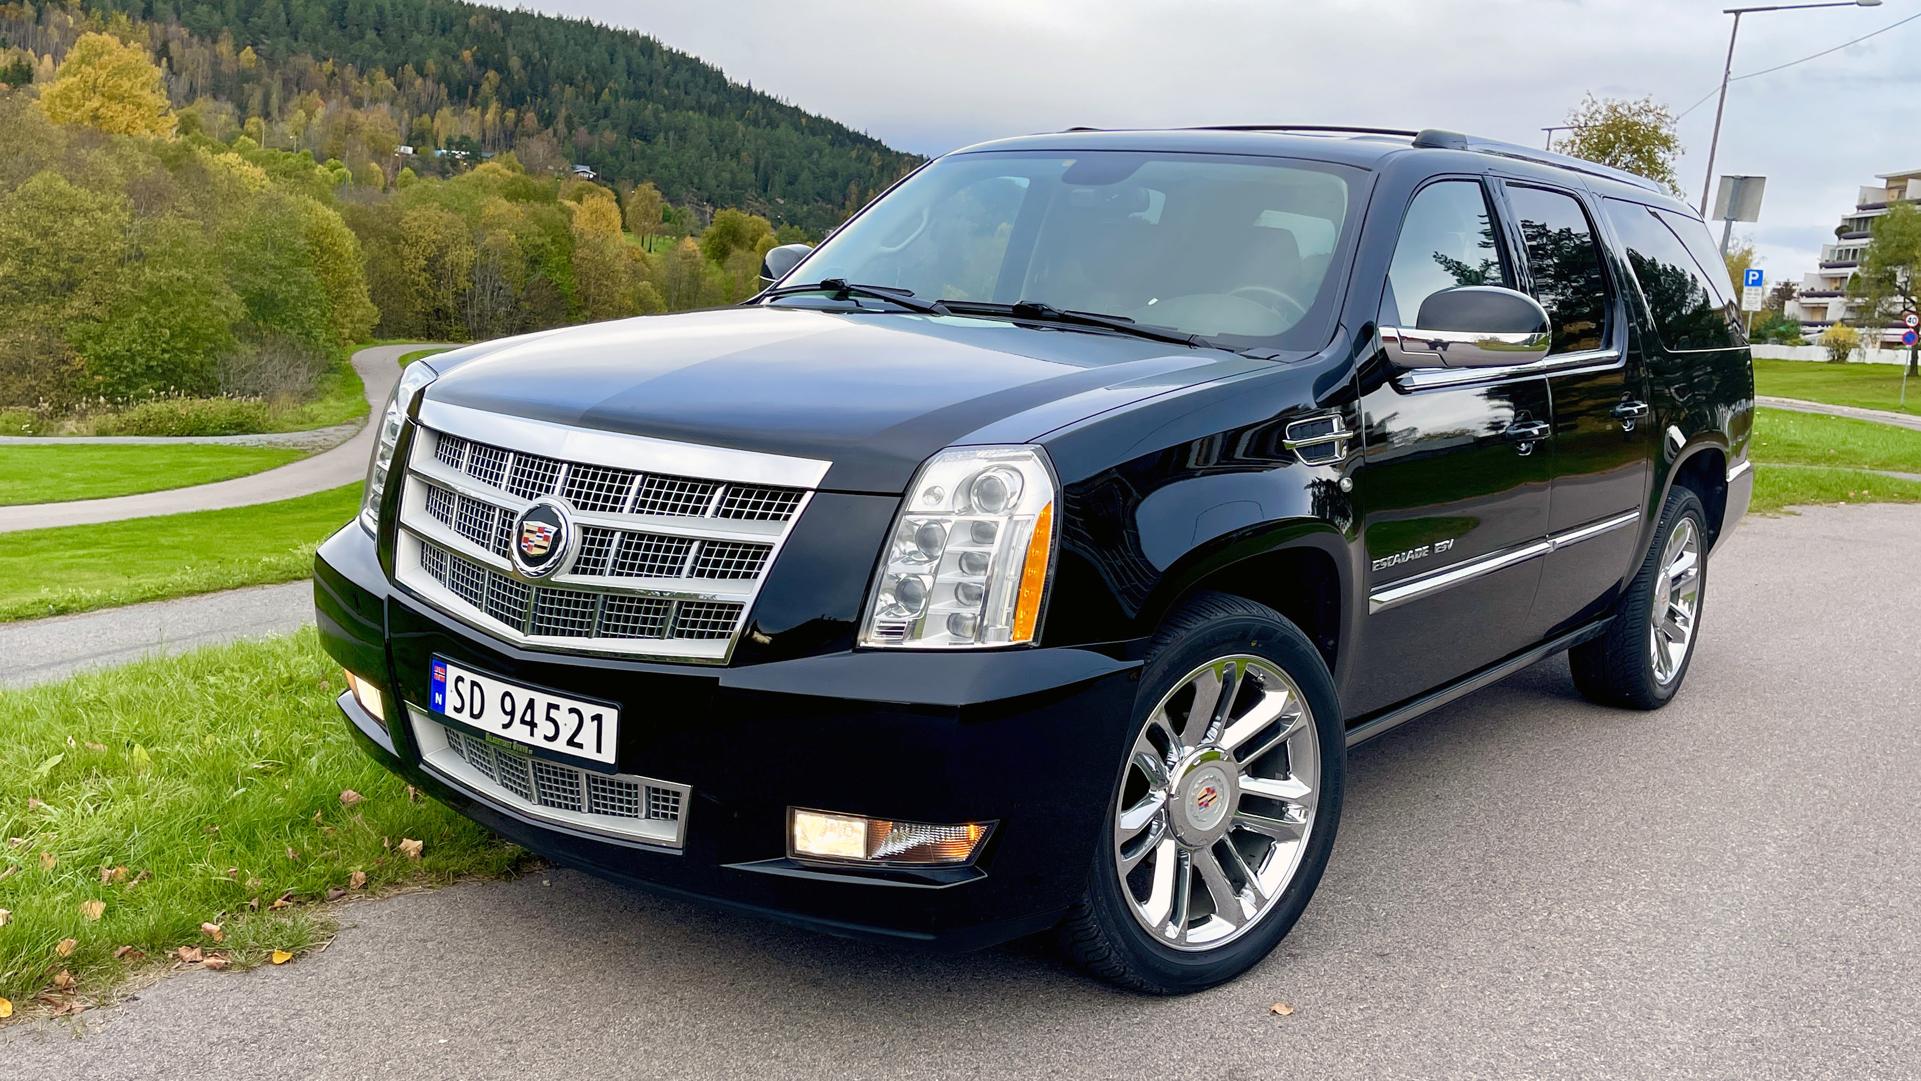 070-2012 Cadillac ESV Platinum 02, Eiere, 070 Ingr